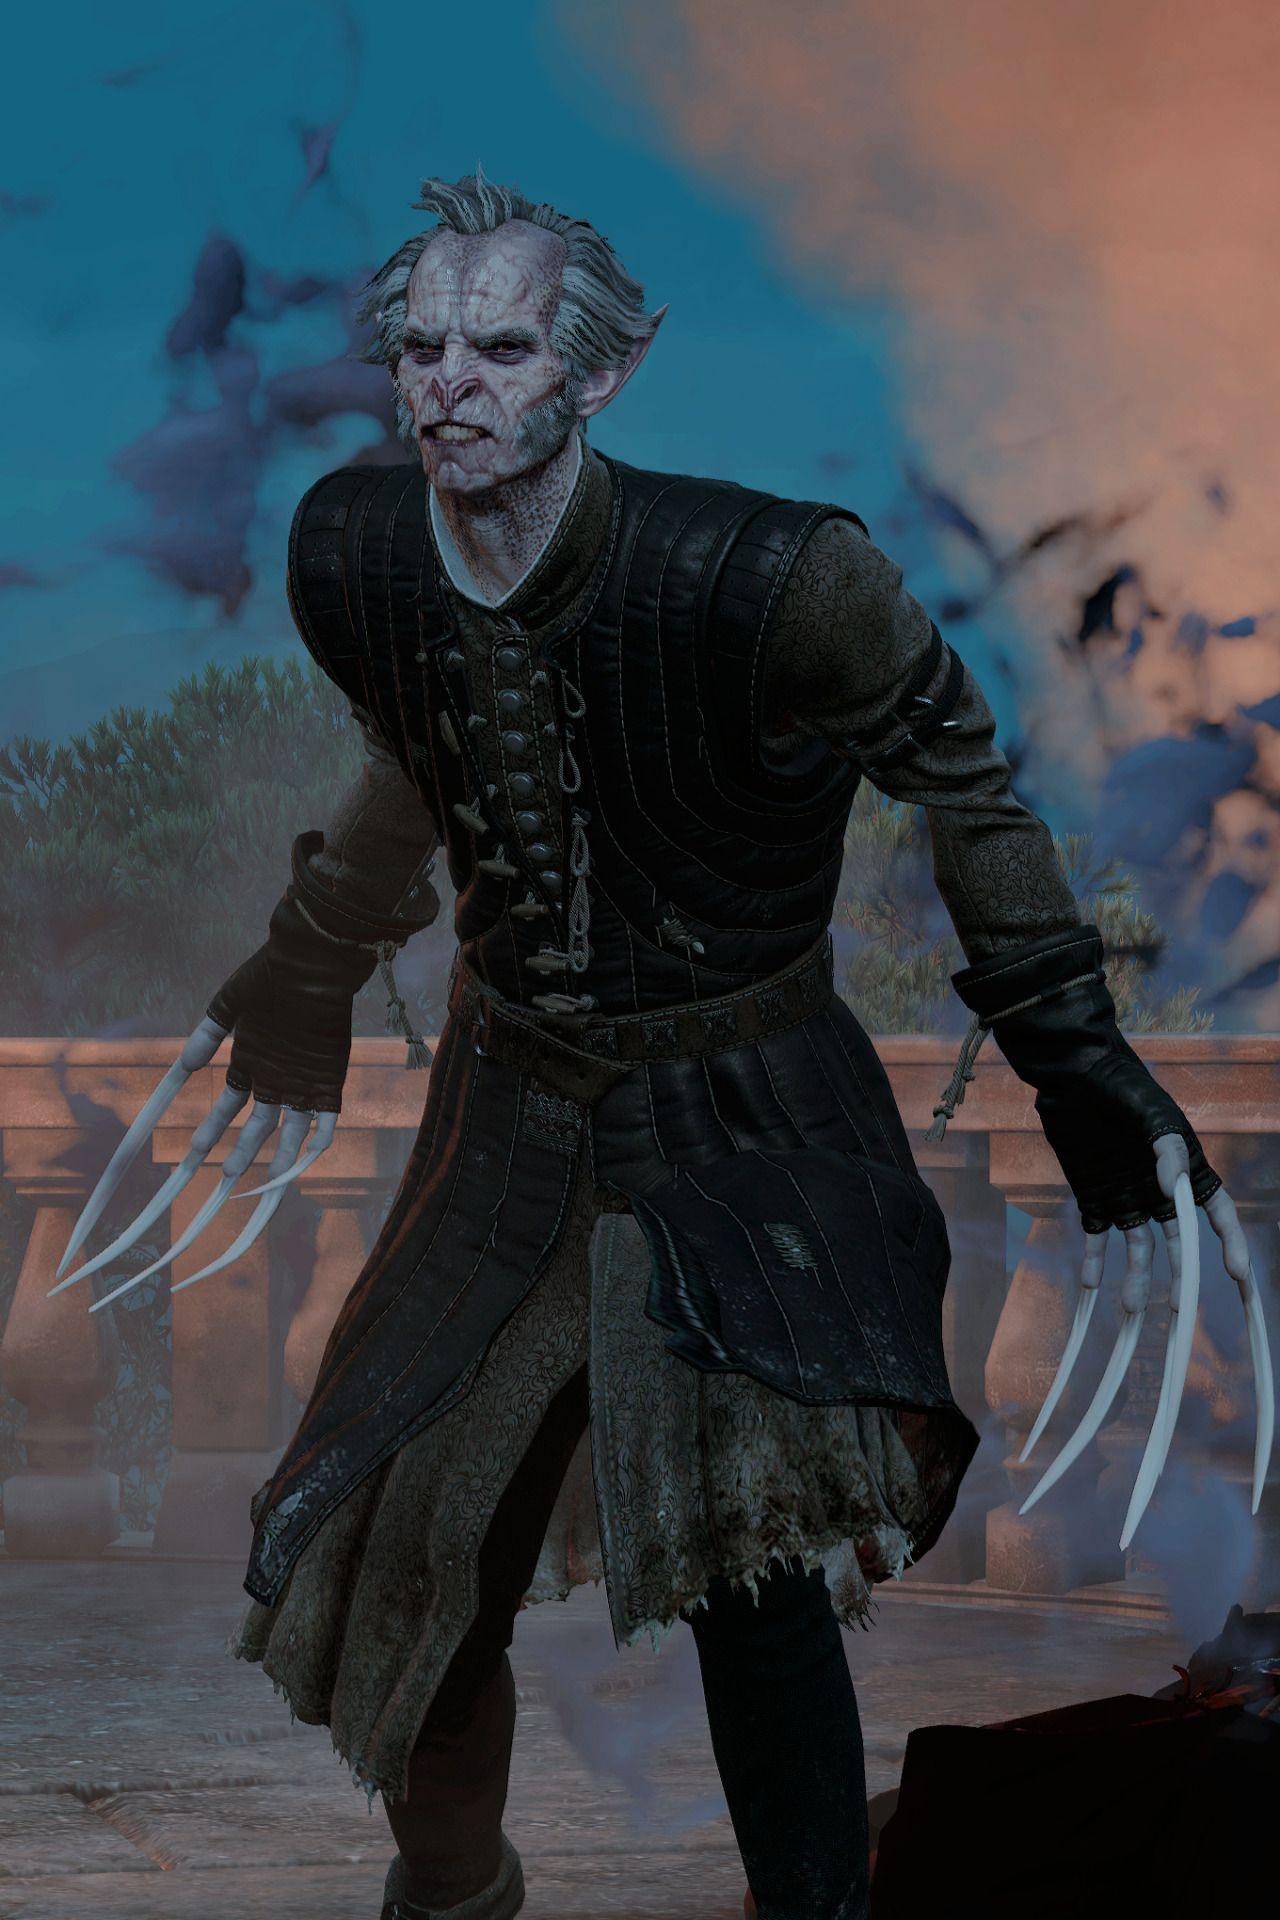 regis witcher